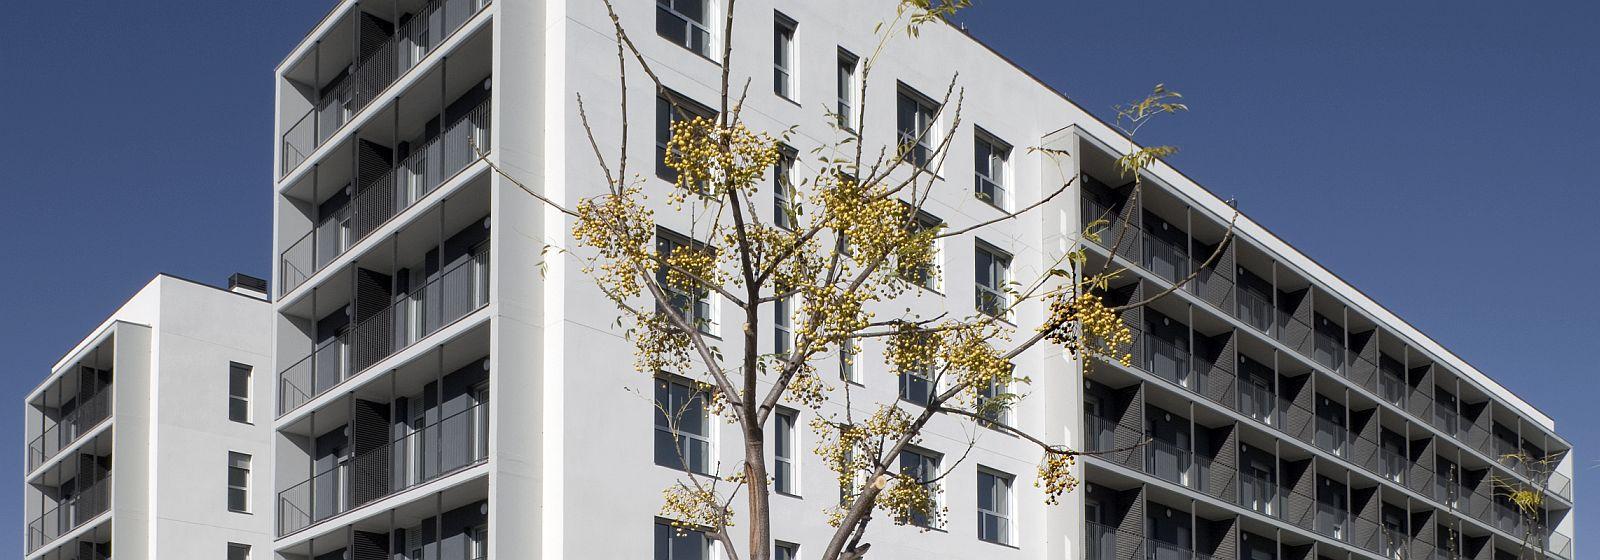 Habitatge Social Barcelona Peticio Mesures Dret